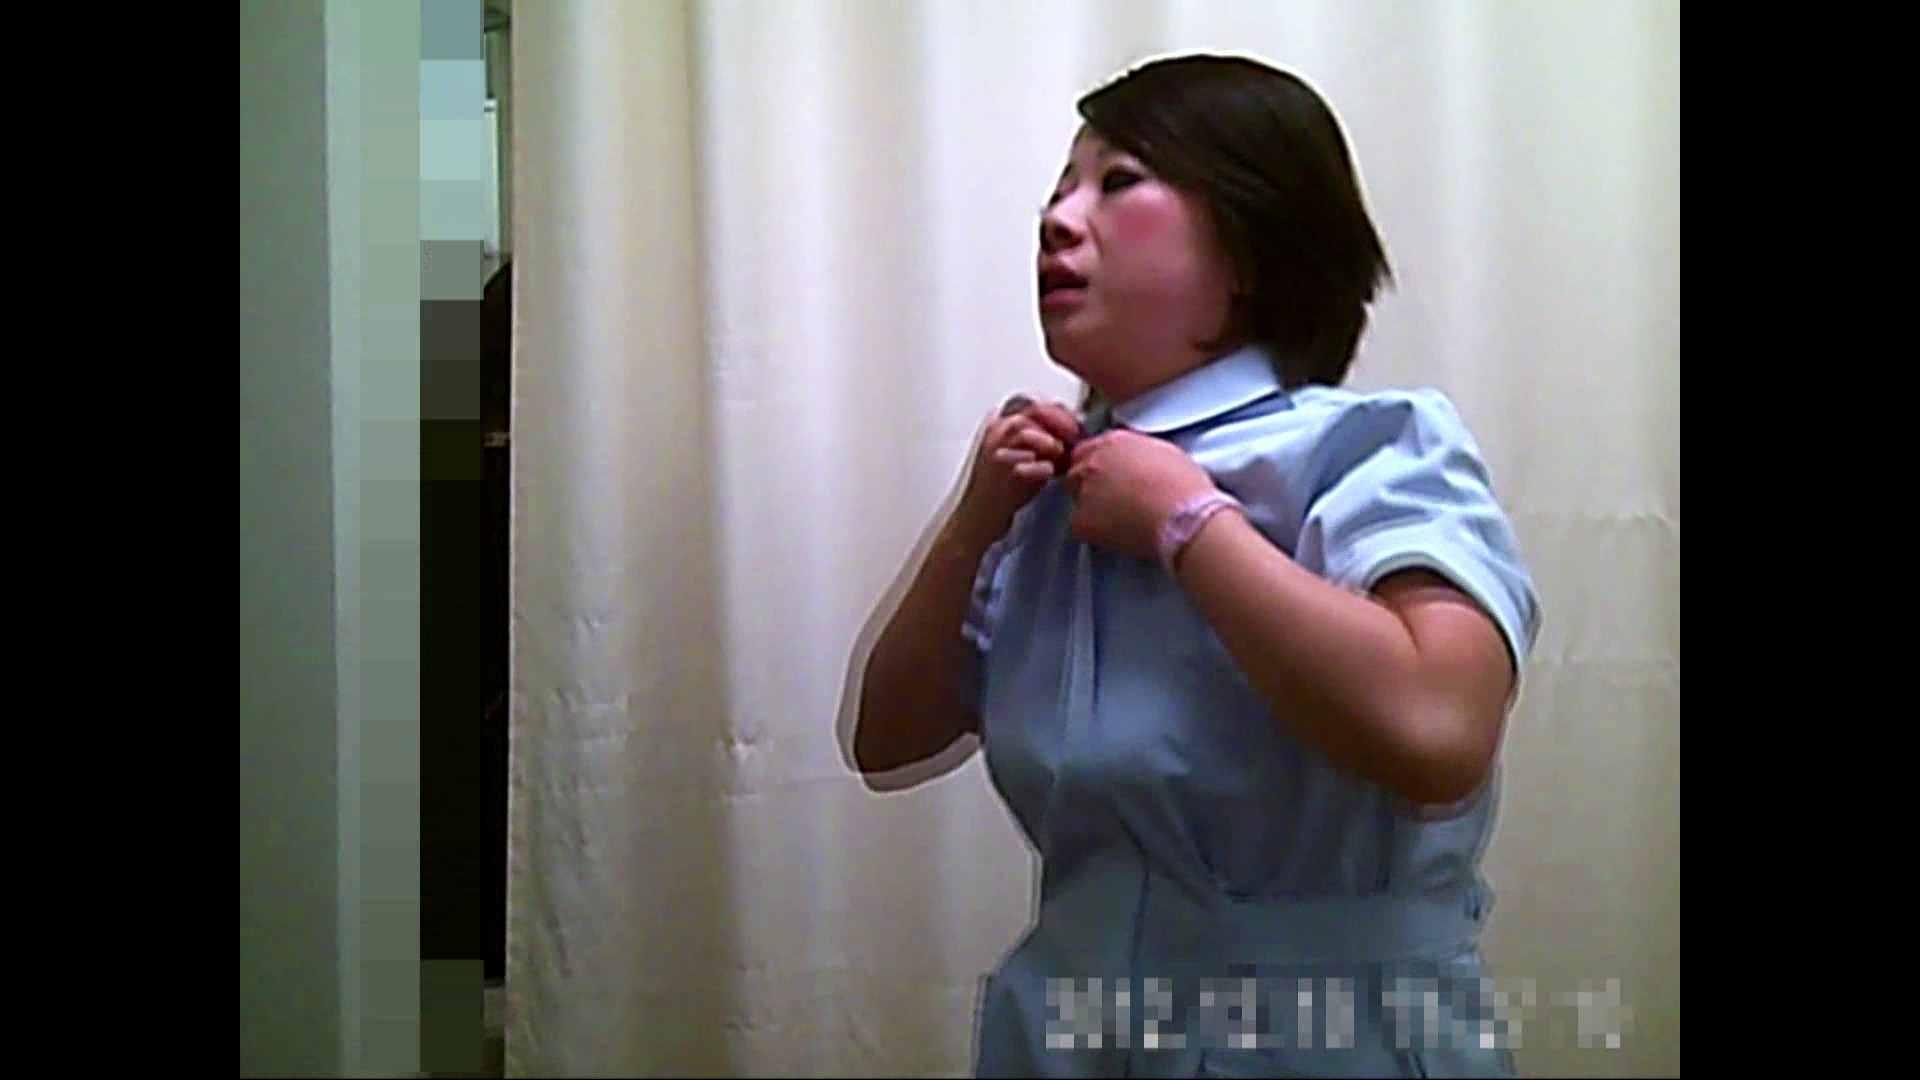 病院おもいっきり着替え! vol.172 盗撮特集 AV無料動画キャプチャ 102画像 34